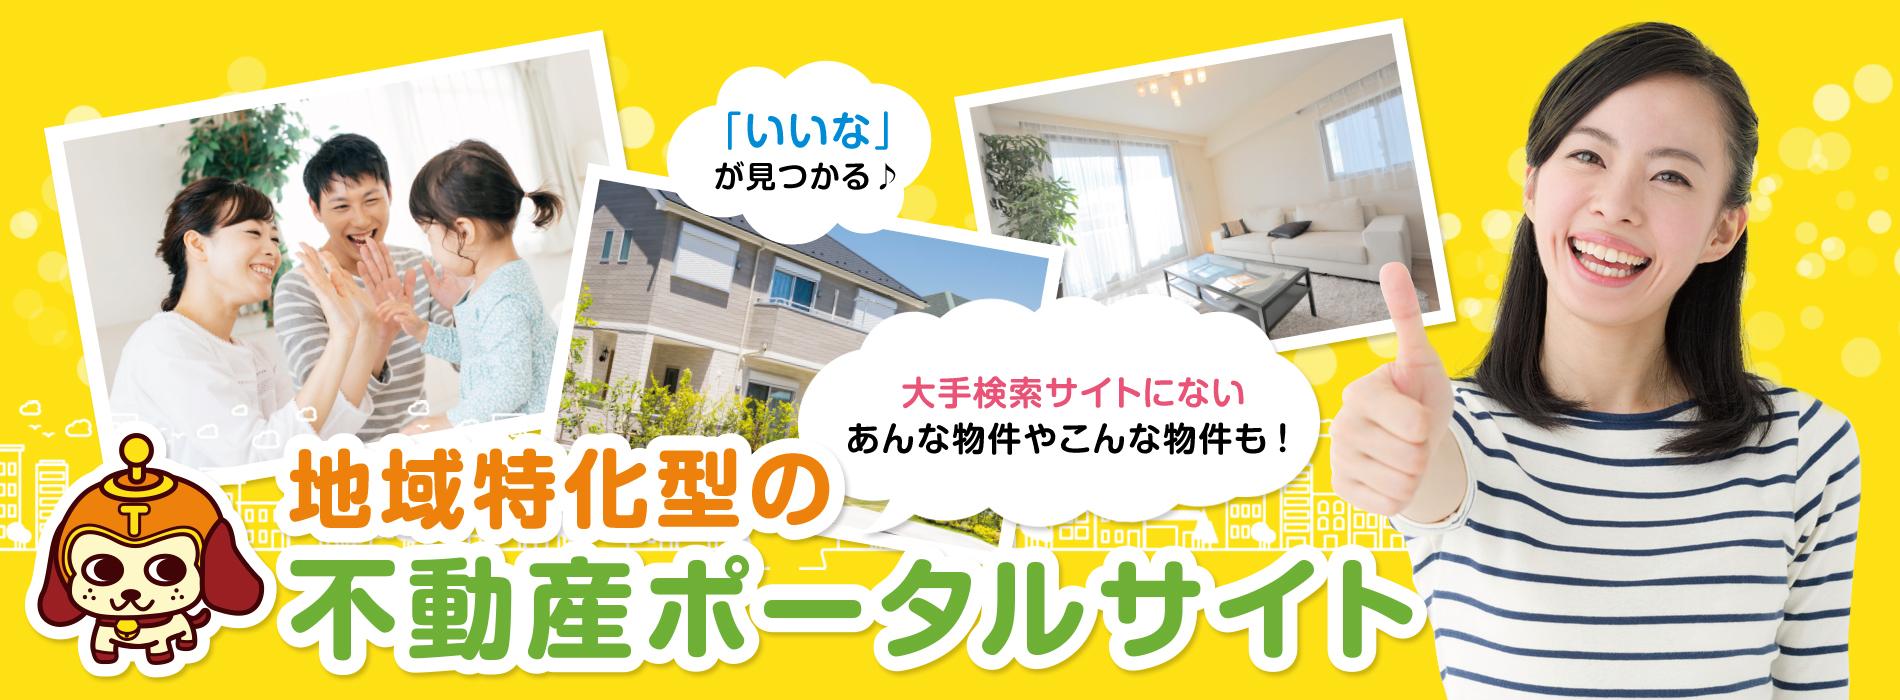 弊社は横浜市青葉区のUR賃貸住宅を紹介しております。